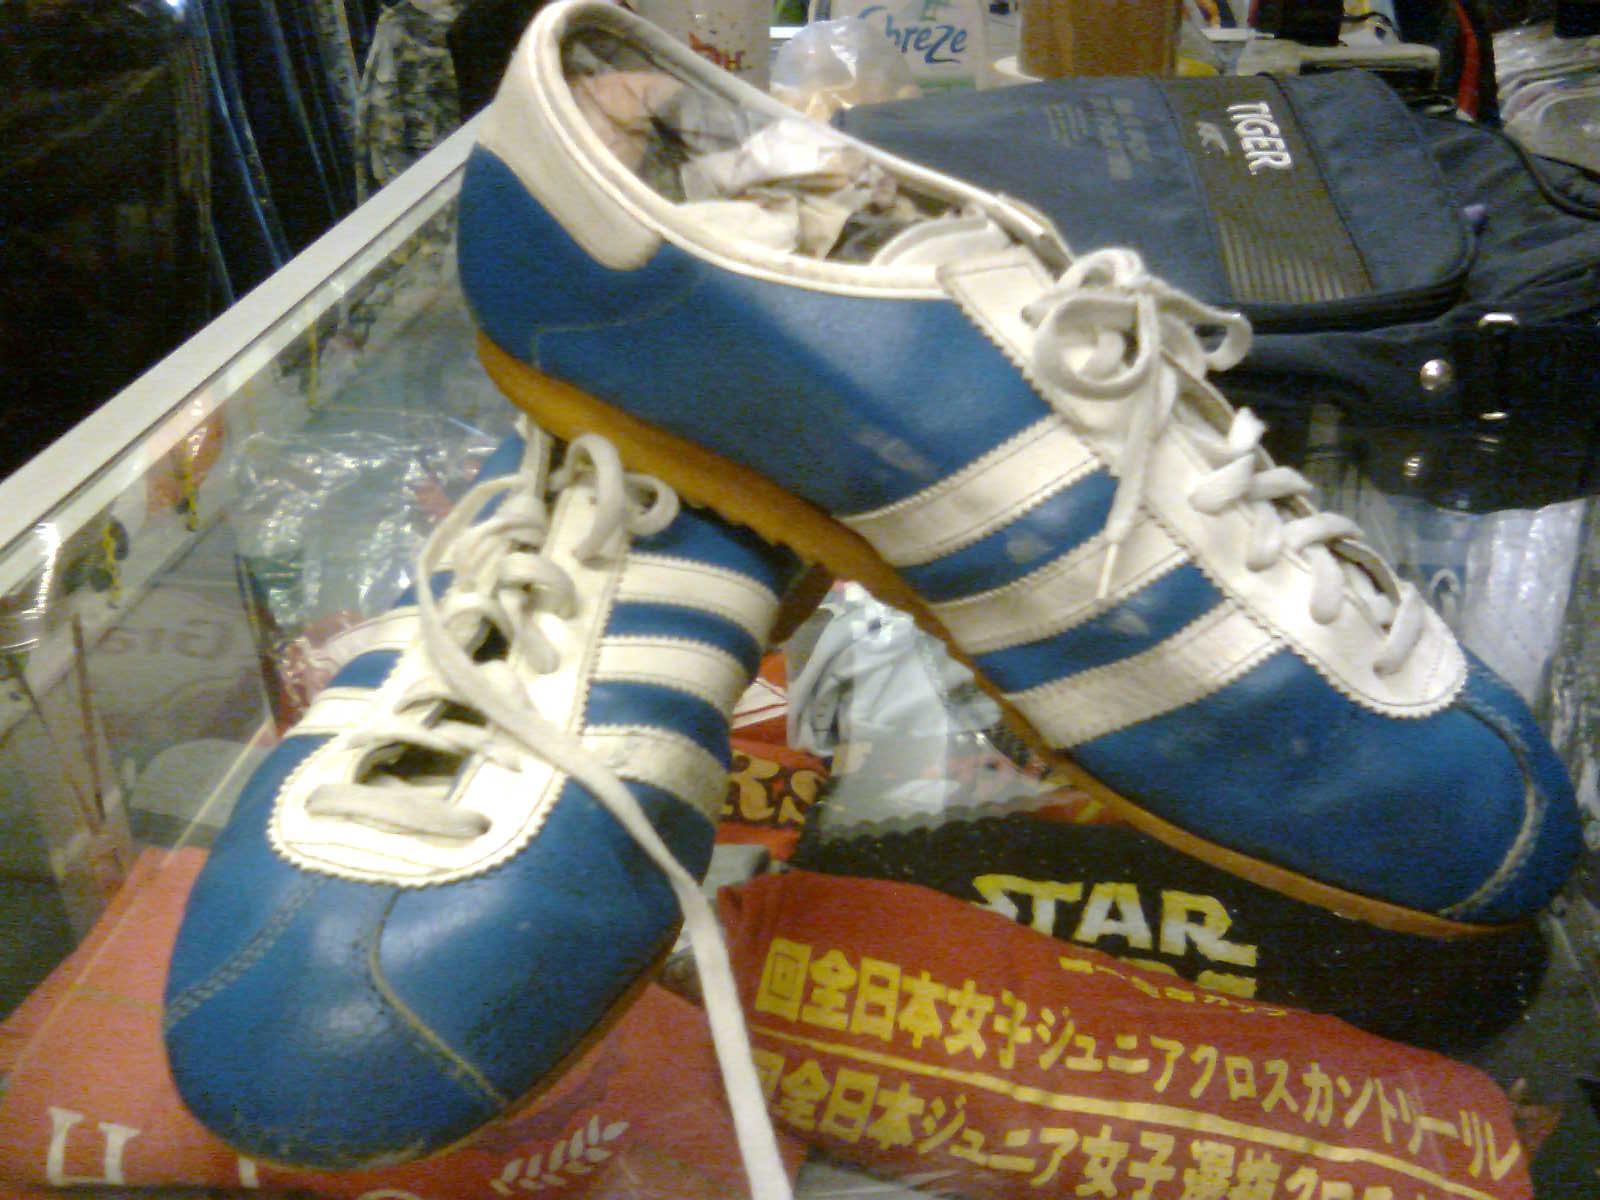 e2a04af3d8b77 sold Vintage com shoes Rekord Gilagilabundle austria Adidas 5Y1x7Ywq4